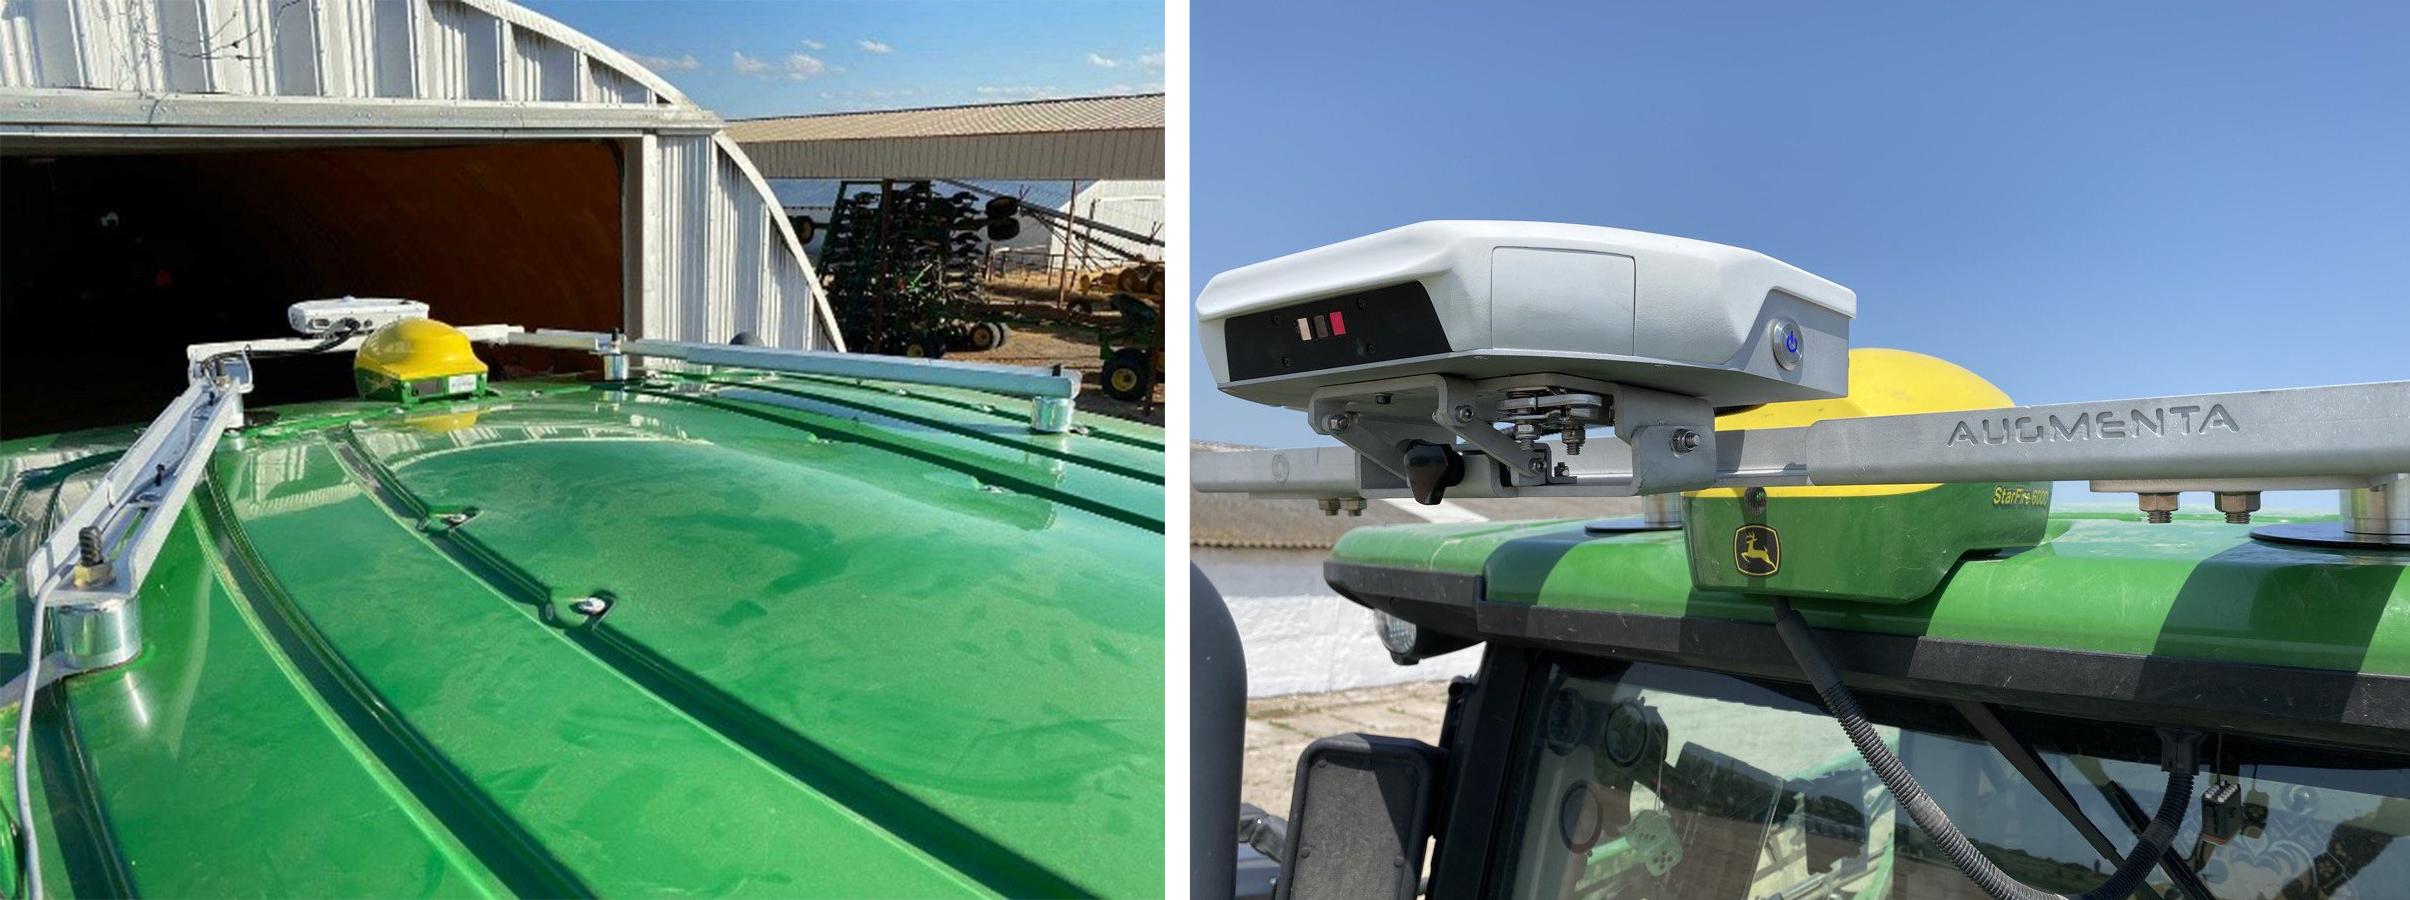 Установка Augmenta на даху John Deere зі штатною антеною